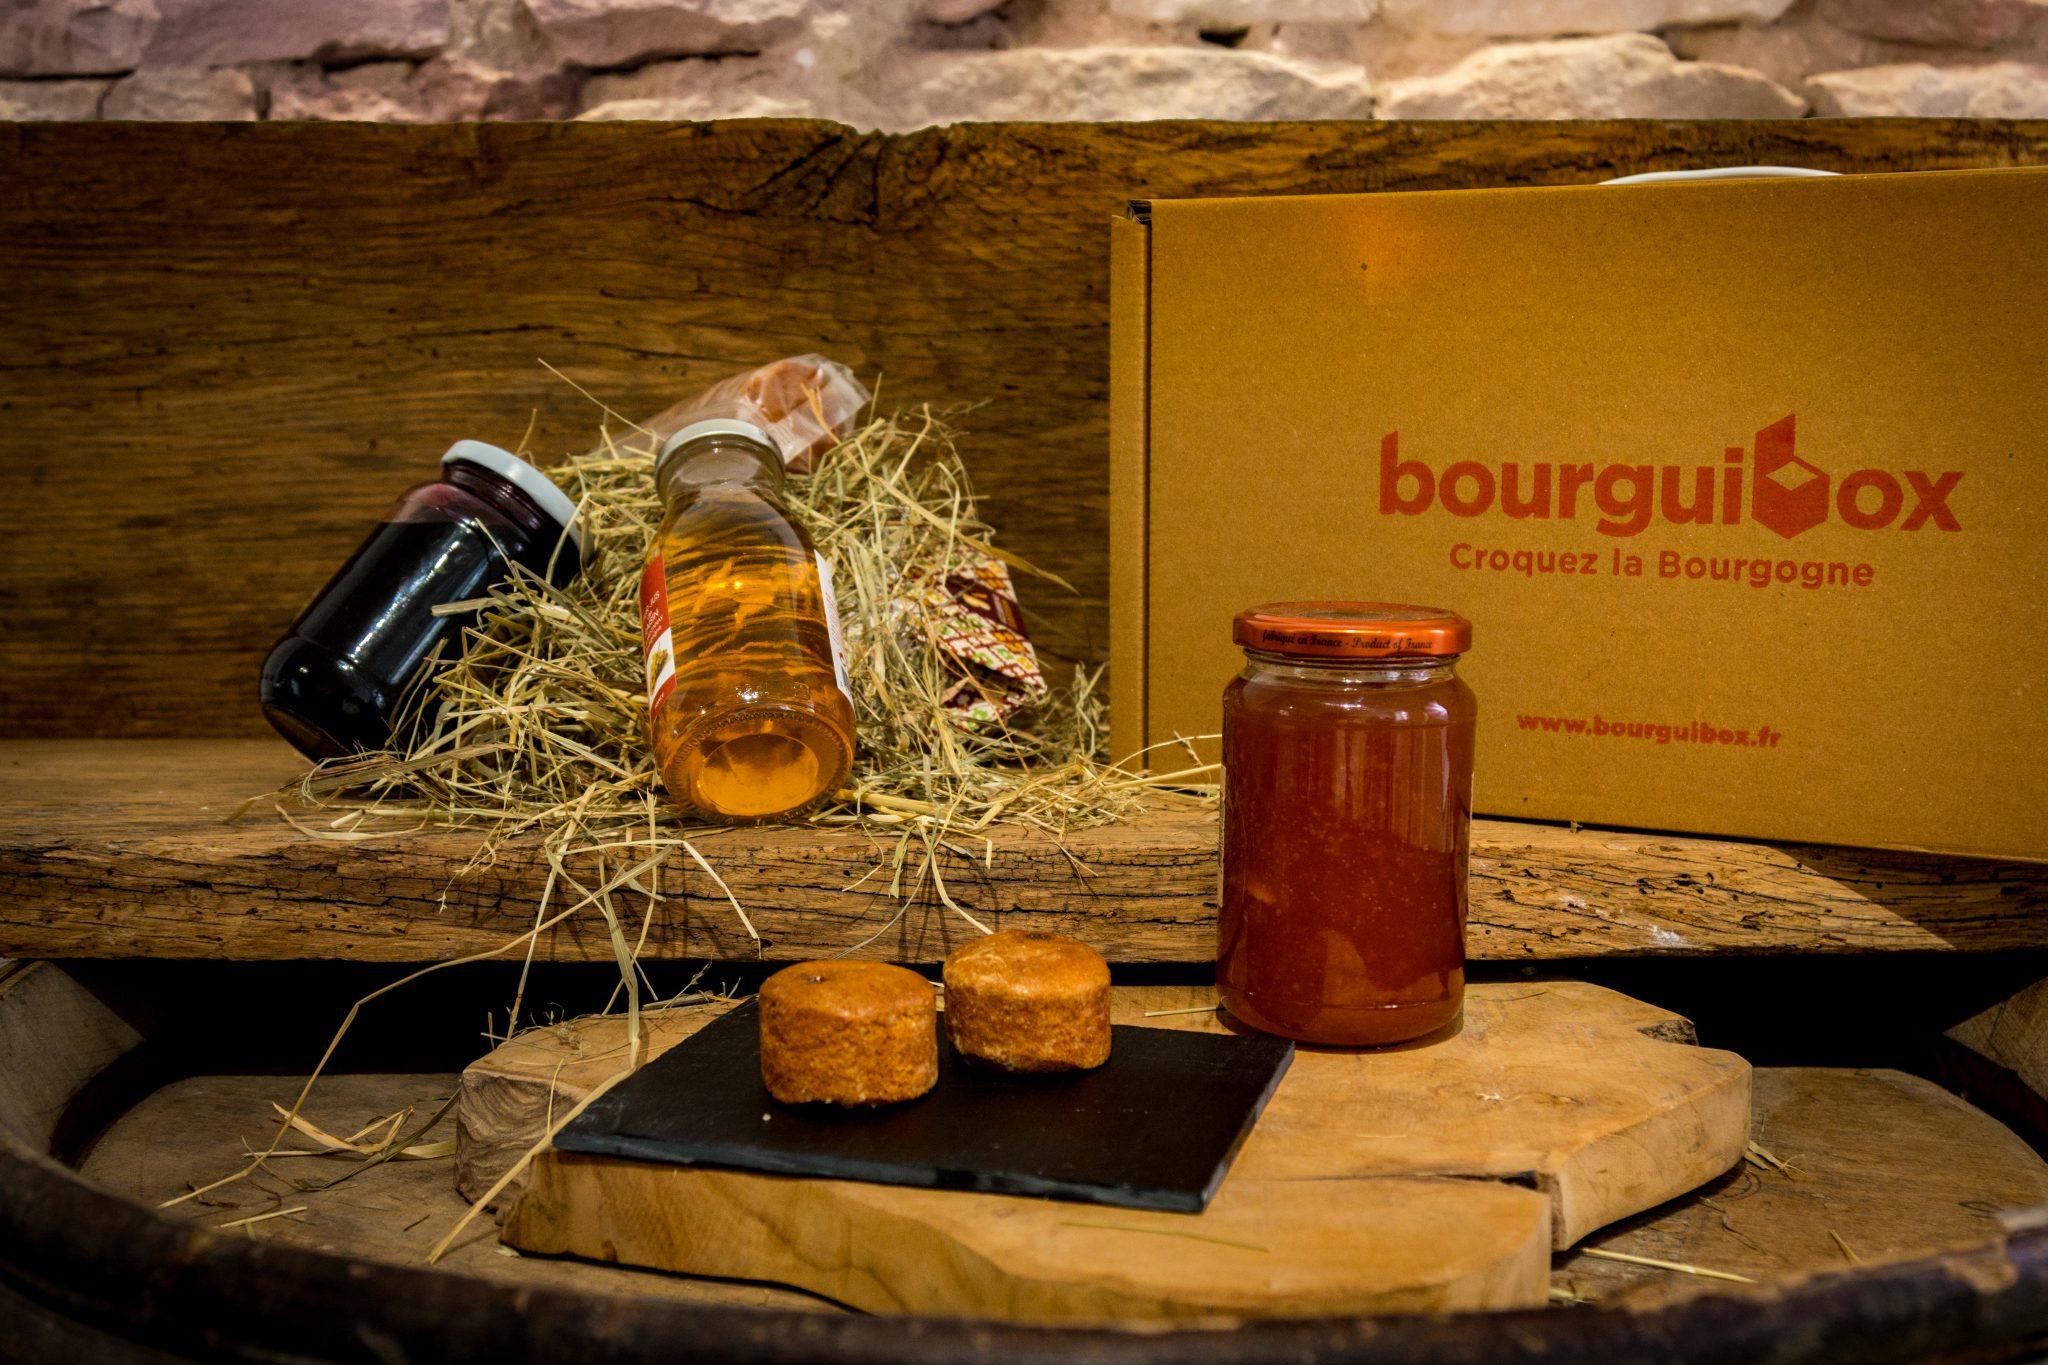 La Bio <h6>La Bourgogne Bio !</h6>